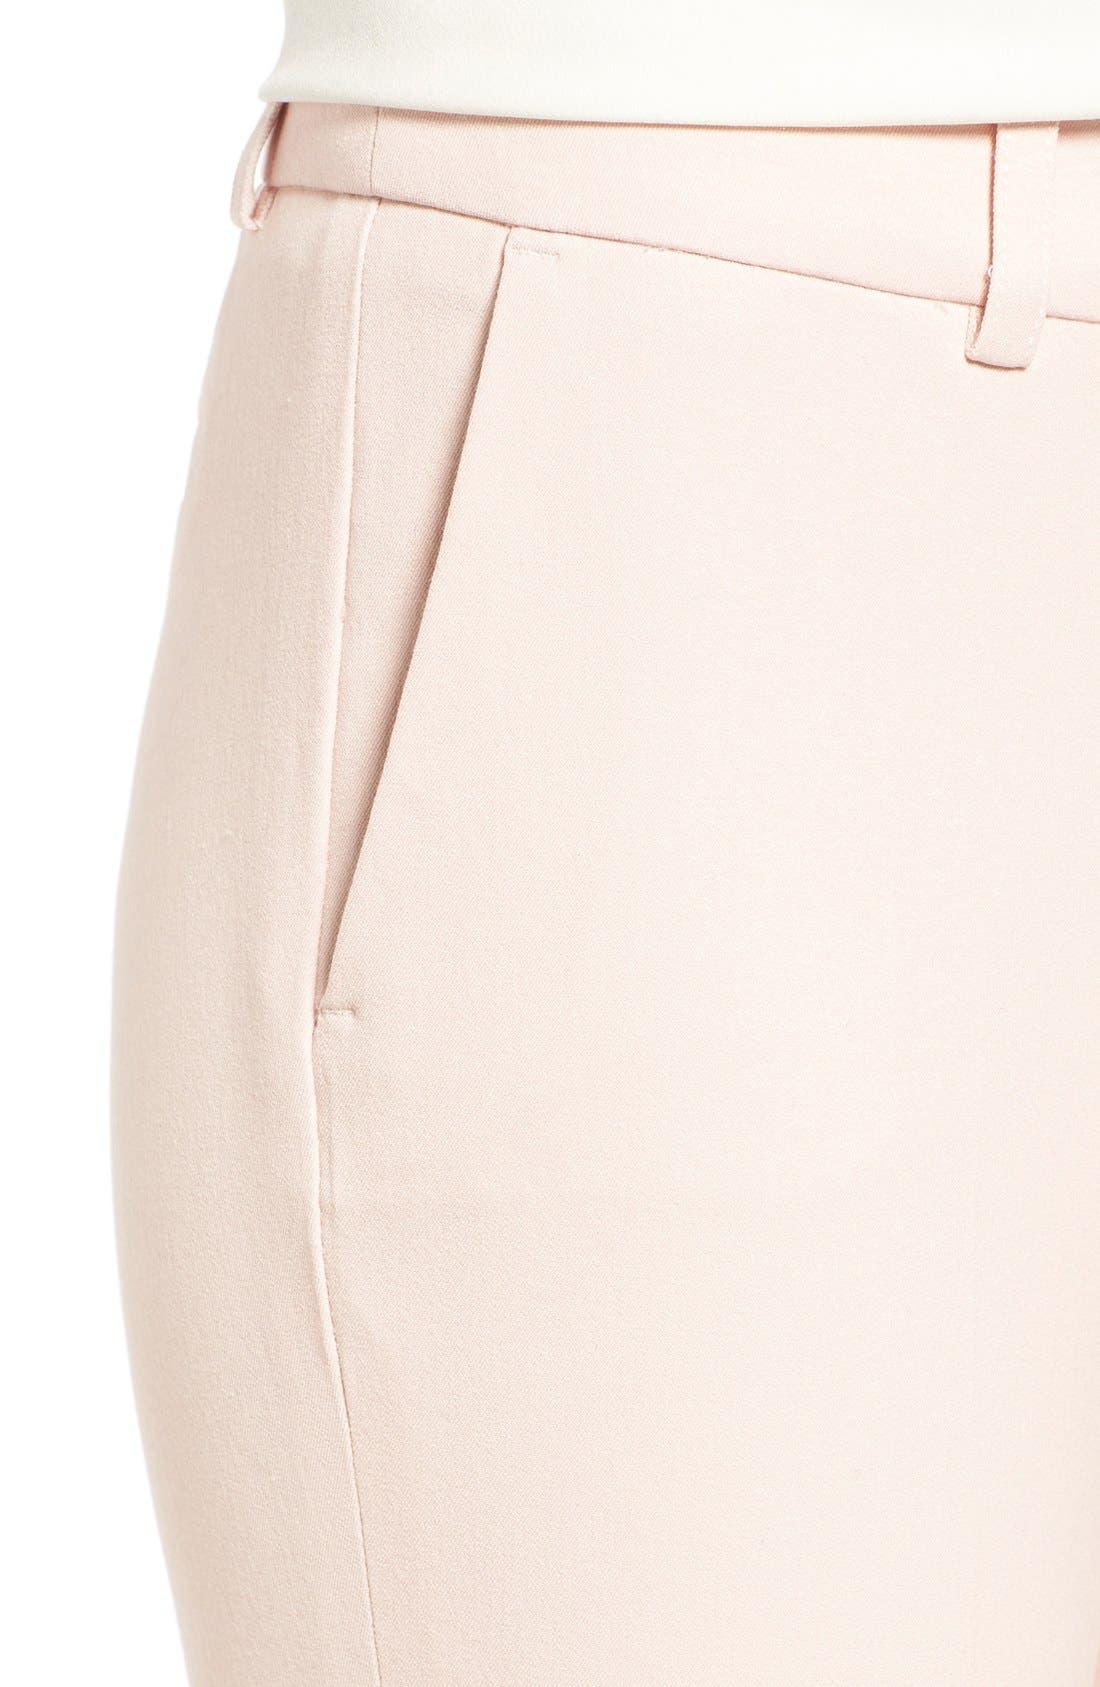 Crop Stretch Cotton Pants,                             Alternate thumbnail 138, color,